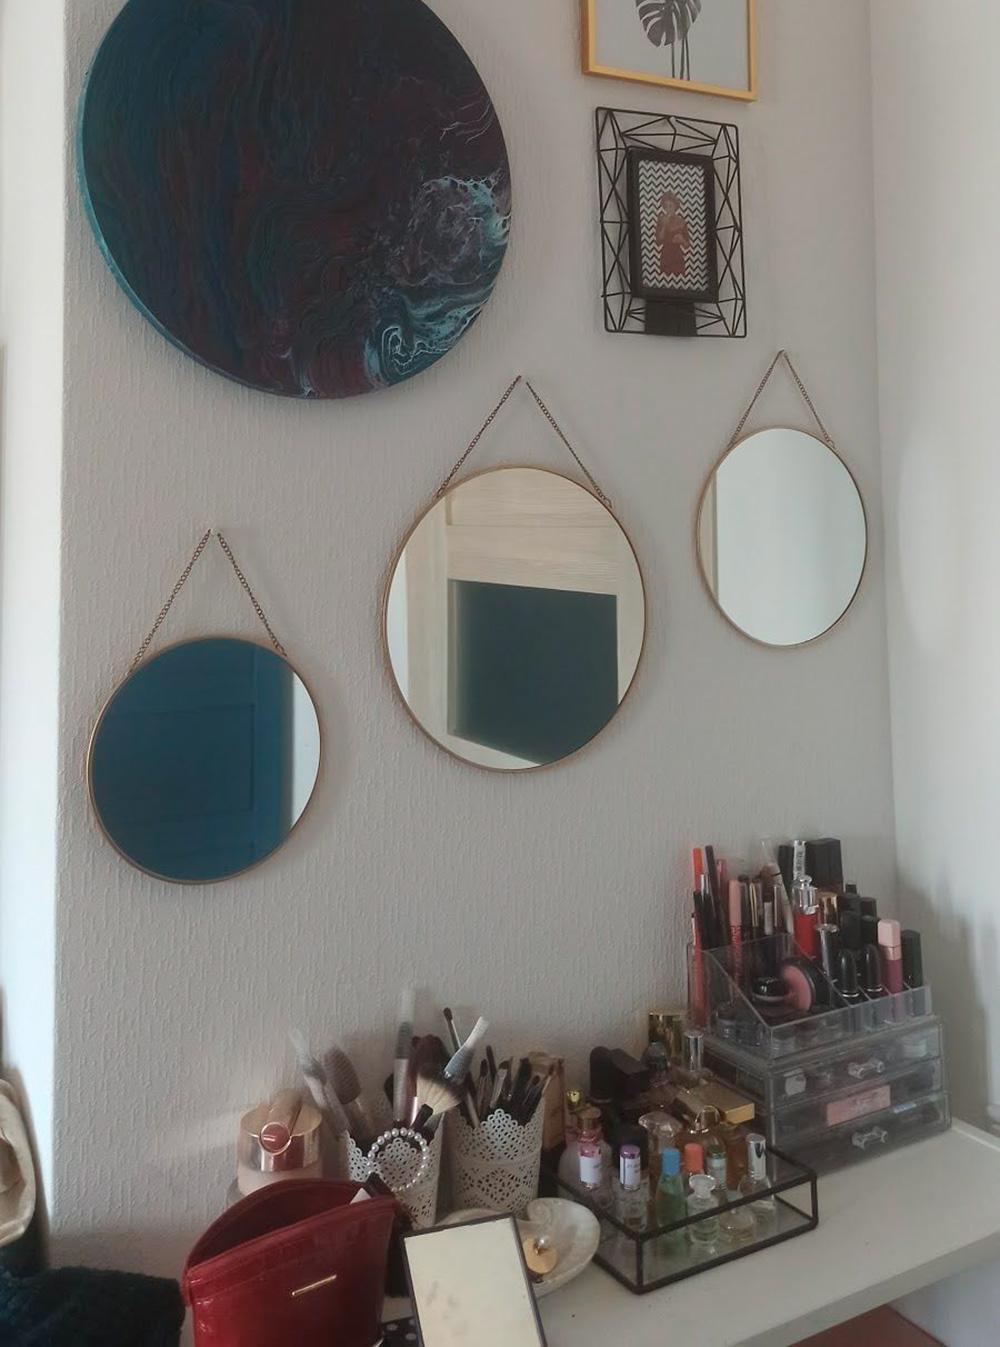 Часть декора я делала сама, например круглое панно в технике флюид-арт